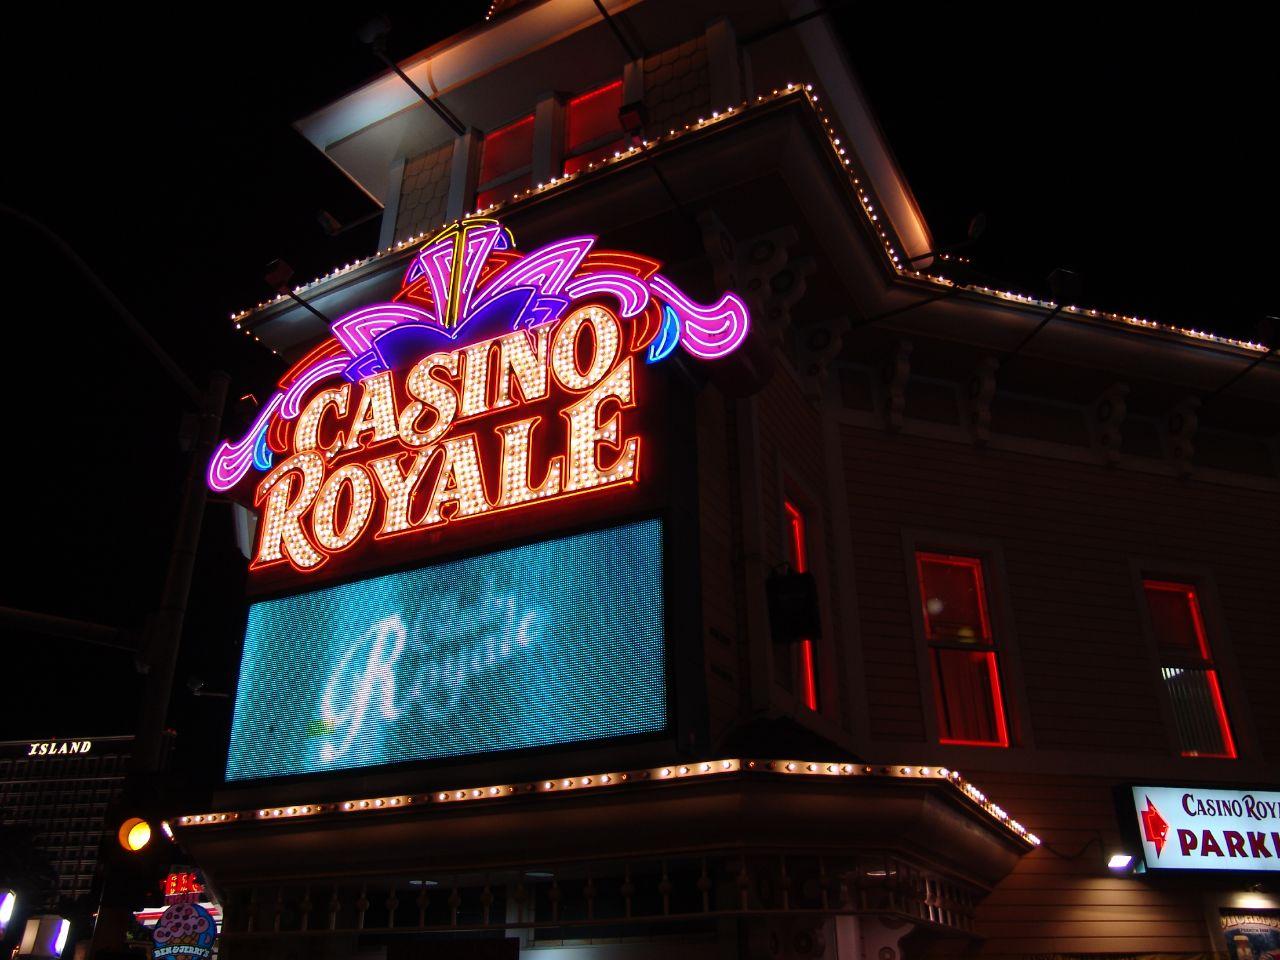 Les intérêts des jeux casino pour le portefeuille